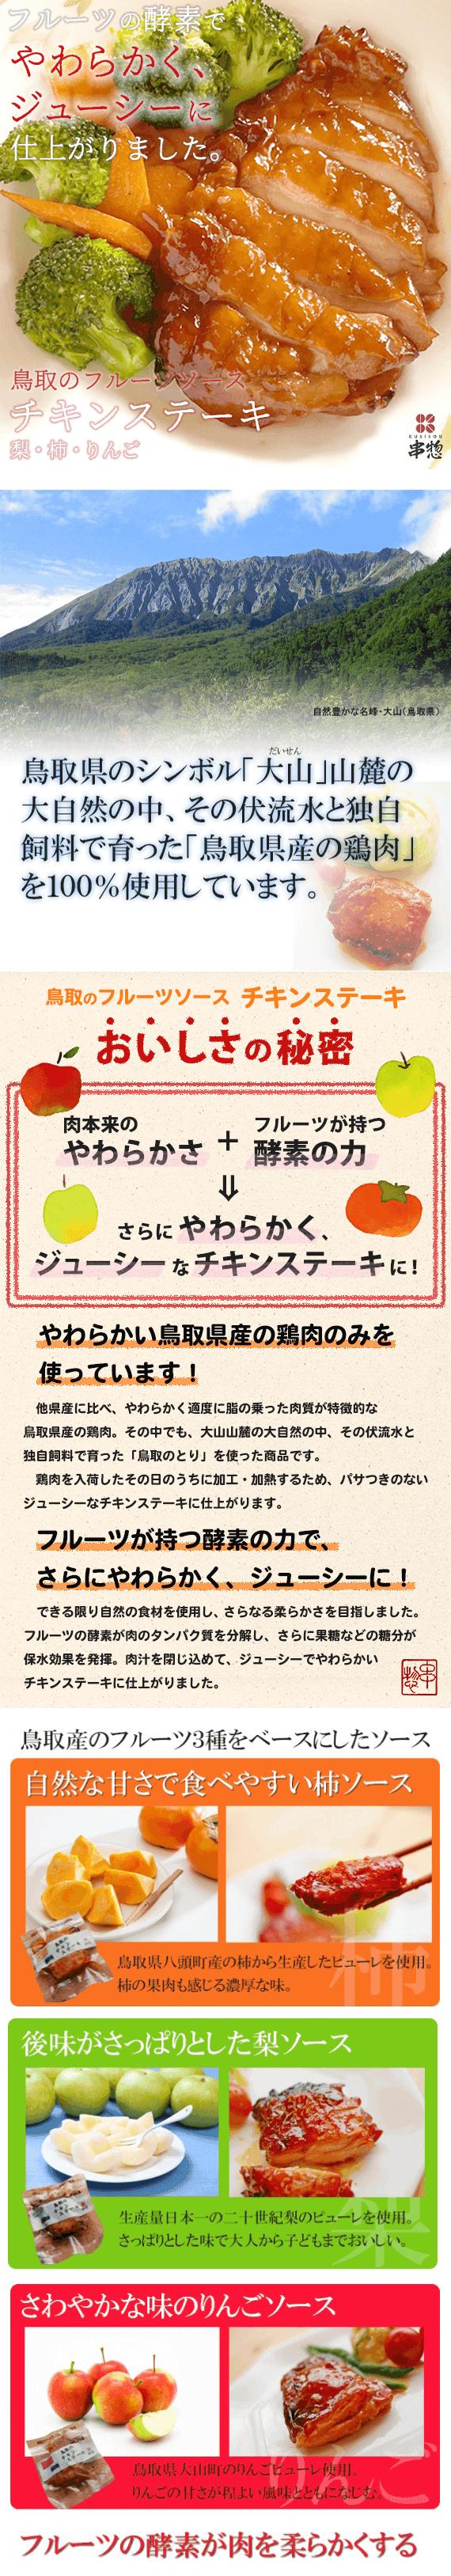 鳥取のフルーツソースチキンステーキと居ながら居酒屋チキン 6種類×2枚セット【お中元2021】【精肉・肉加工品】